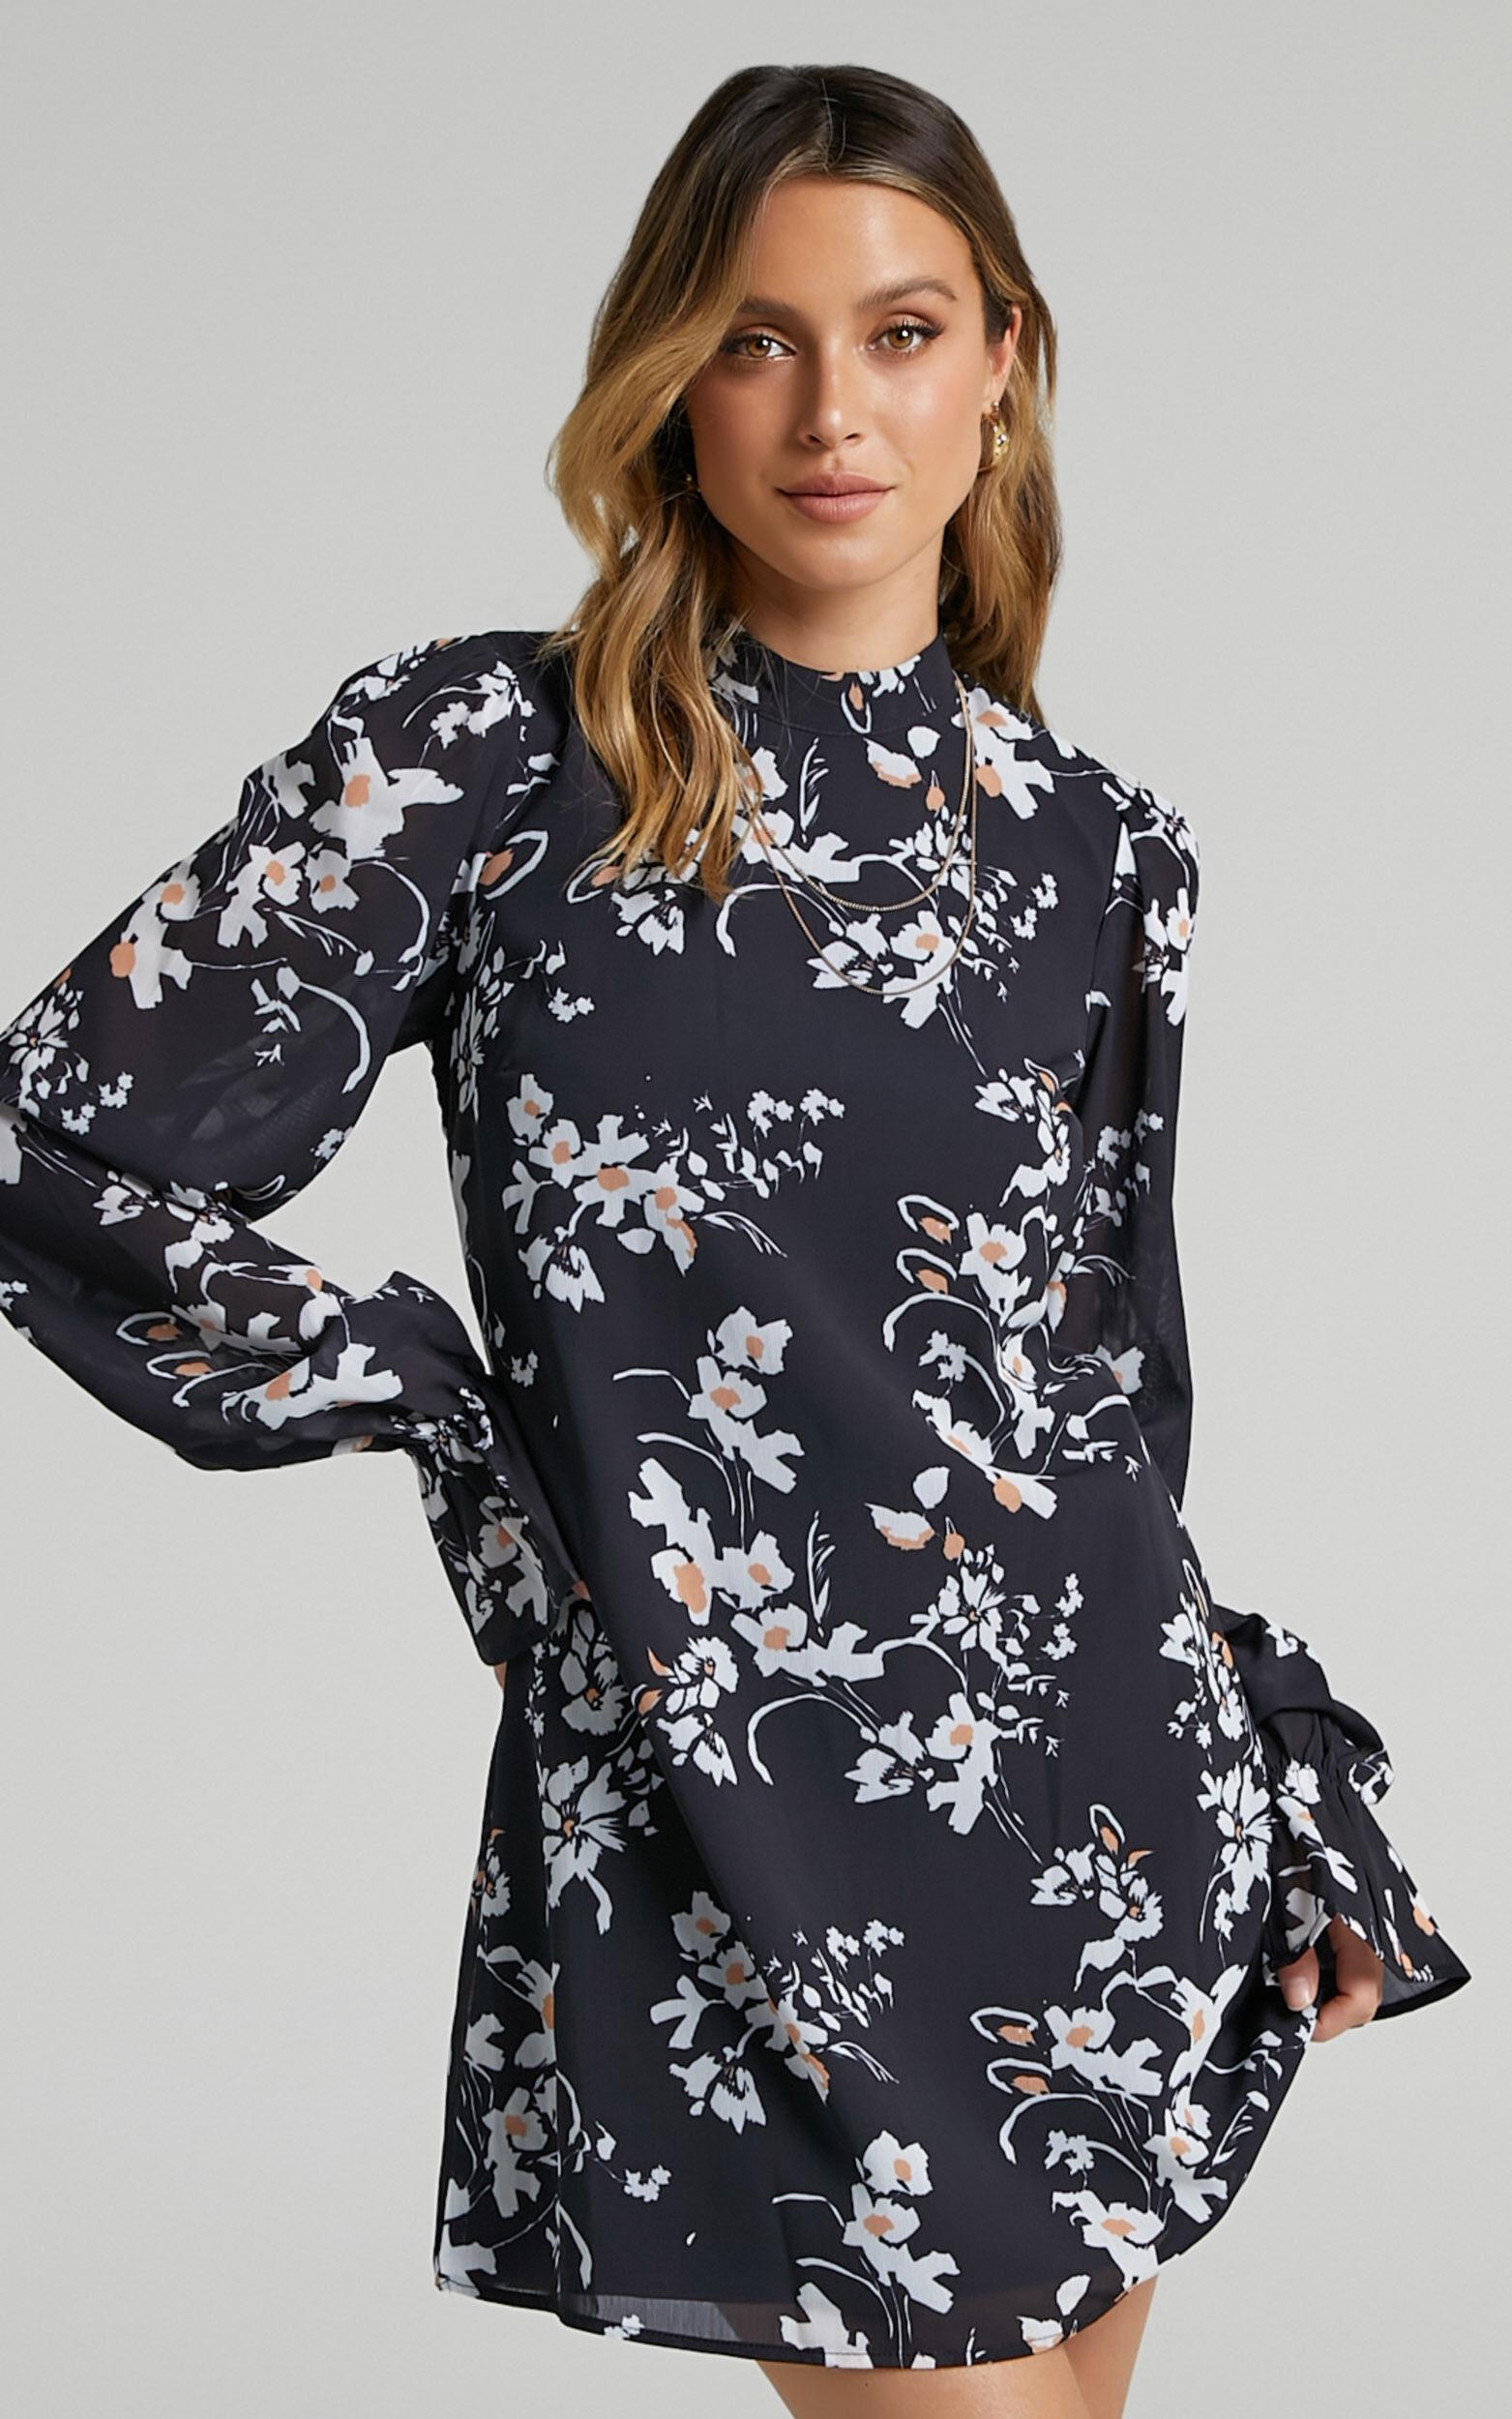 Arlowe High Neck Open Back Mini Dress in Black Floral - 06, BLK1, super-hi-res image number null